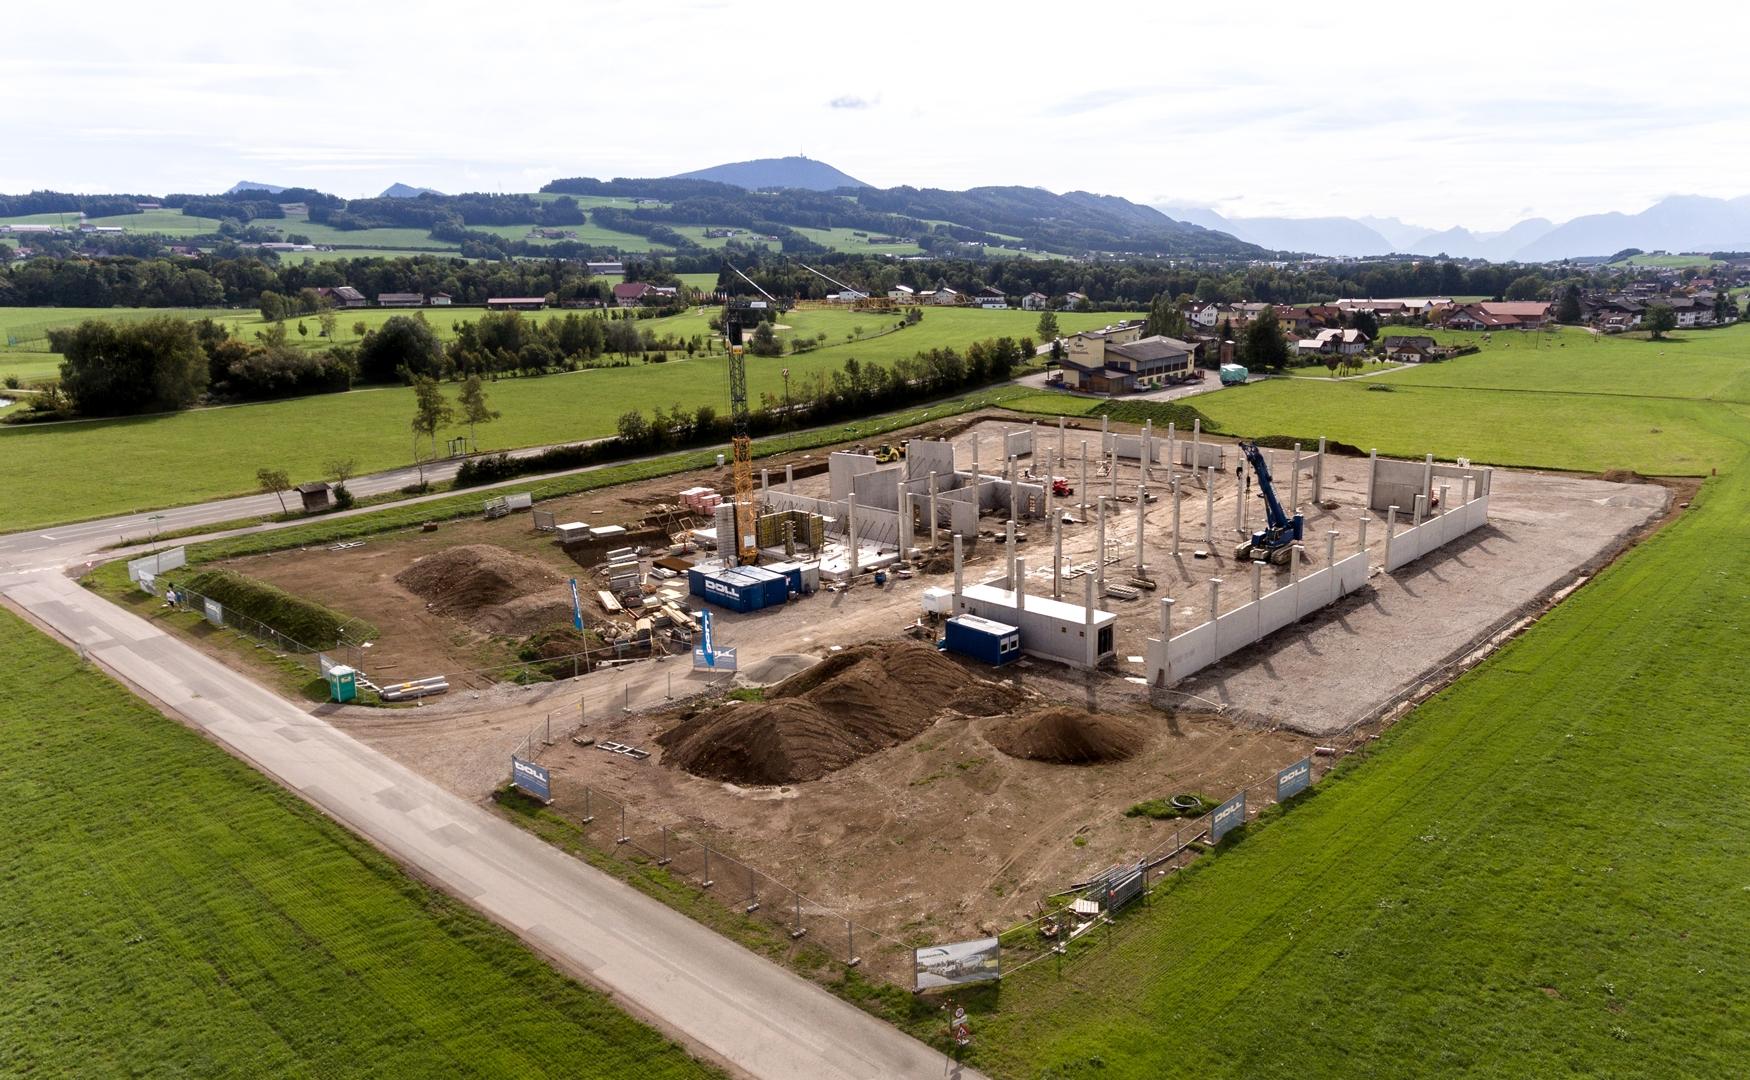 DOLL Baufhof wöchentlicher Baufortschritt 27 09 2019 Front WEBSITE